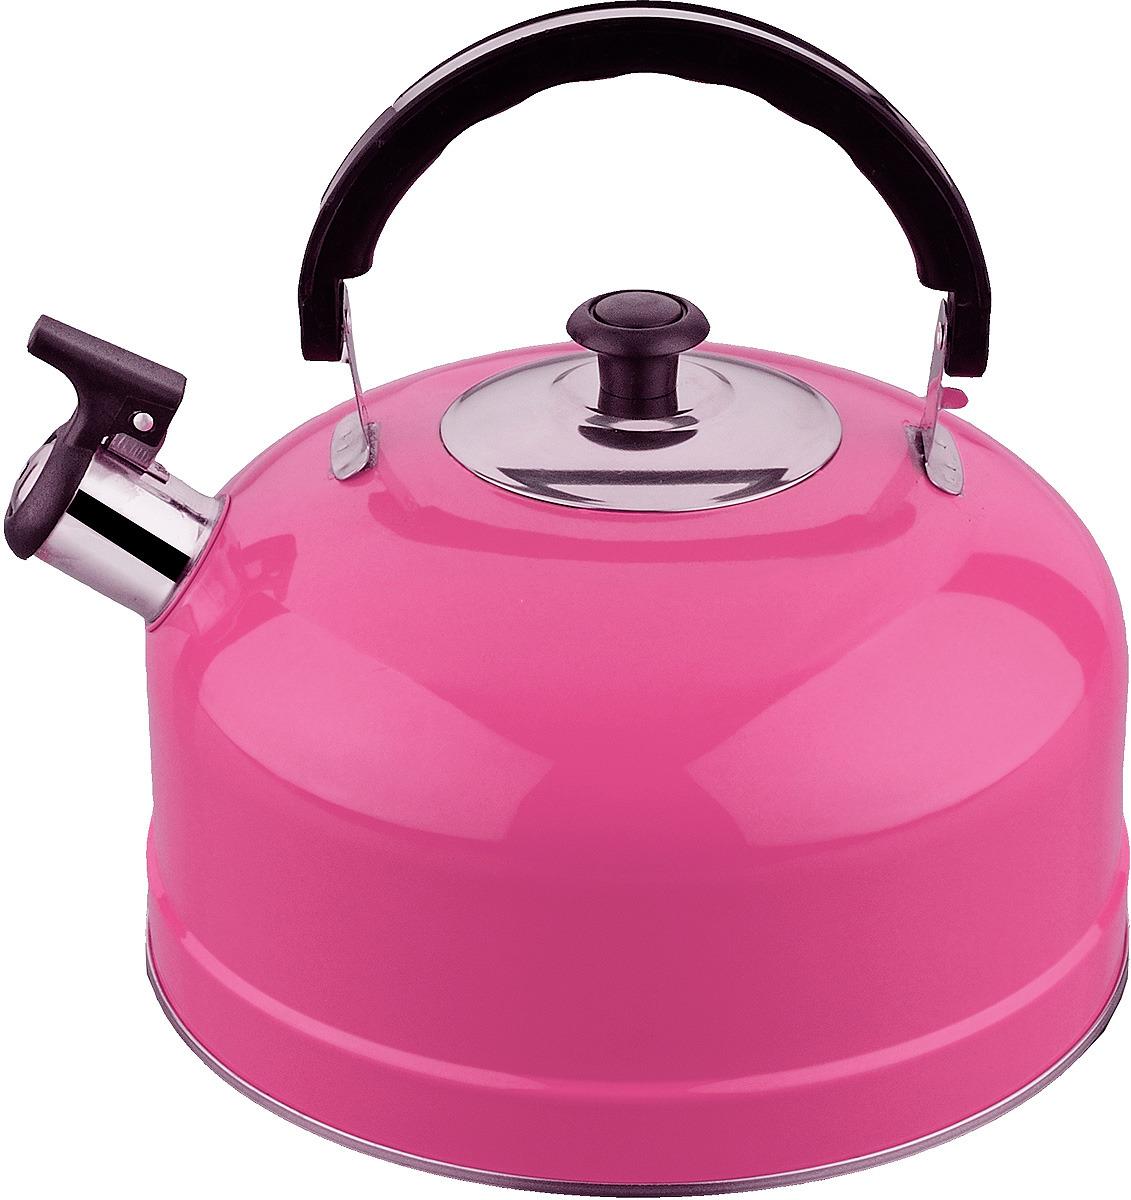 Чайник Irit, со свистком, цвет: розовый, 2,5 л emalia olkusz 1907 чайник со свистком 2 0 л emalia olkusz 1907 585g 20 274 274 шиповник ваниль